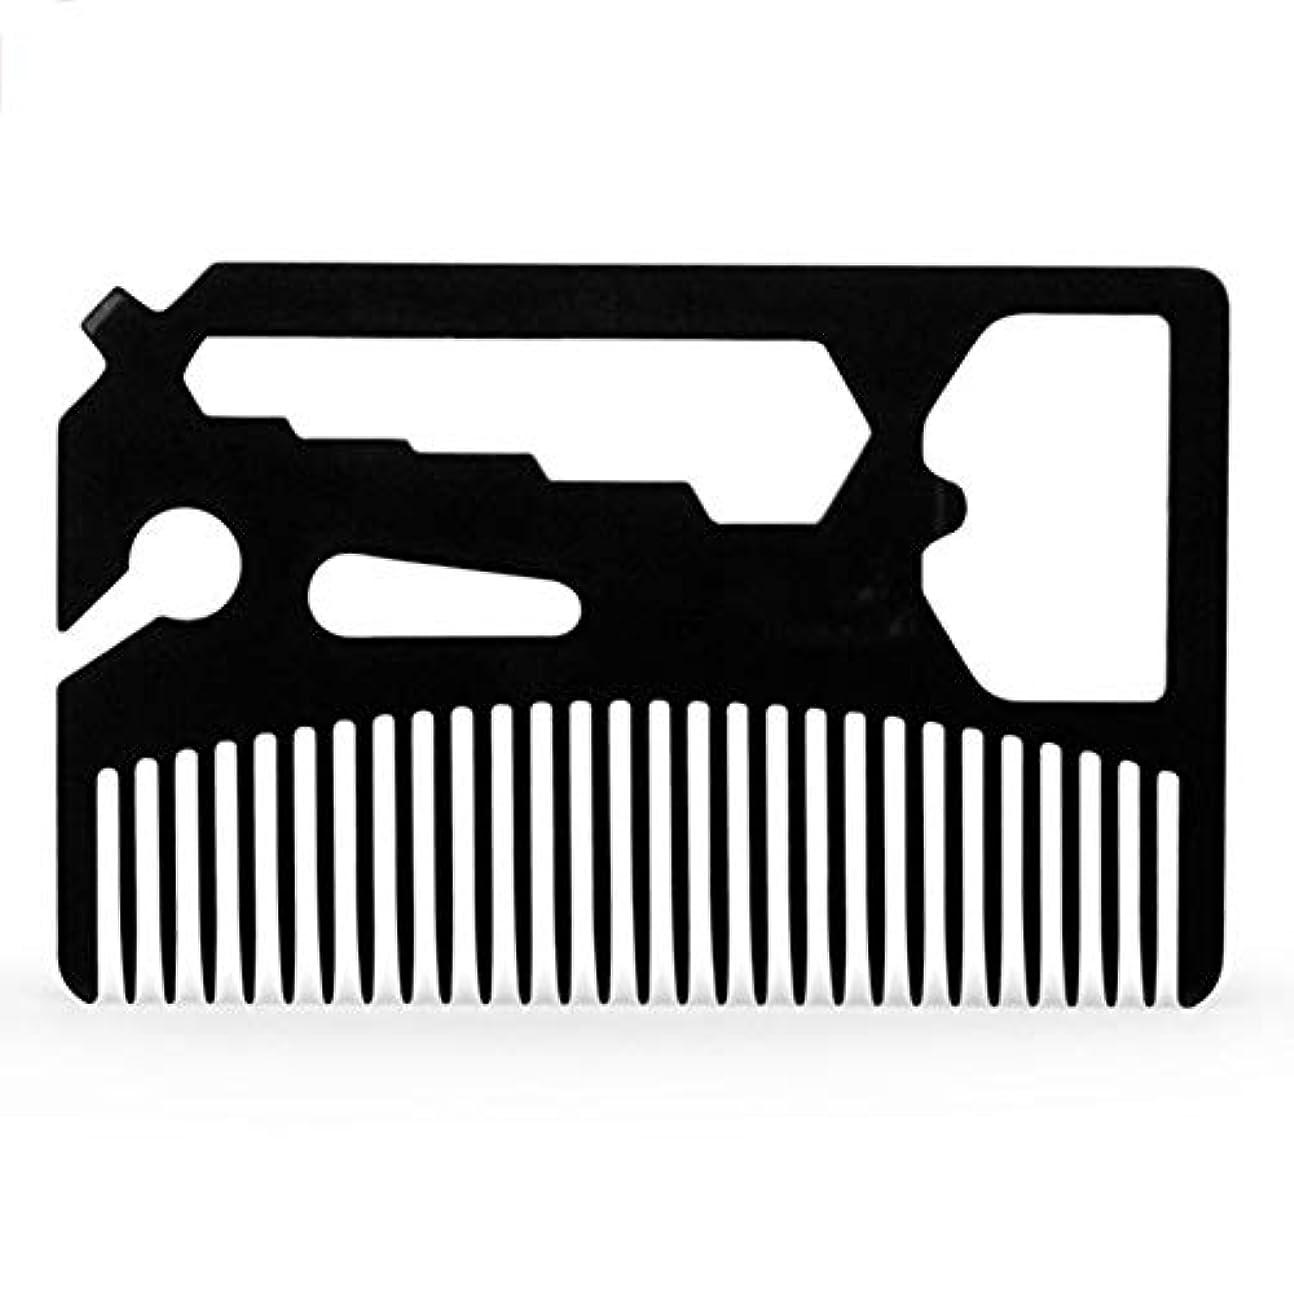 飢饉シソーラスチャレンジACHICOO 多機能ヘアブラシ ひげくし ステンレス鋼 栓抜き 髭櫛 金属 プラスチック 折りたたみ 男性 髪髭トリムツール 黒